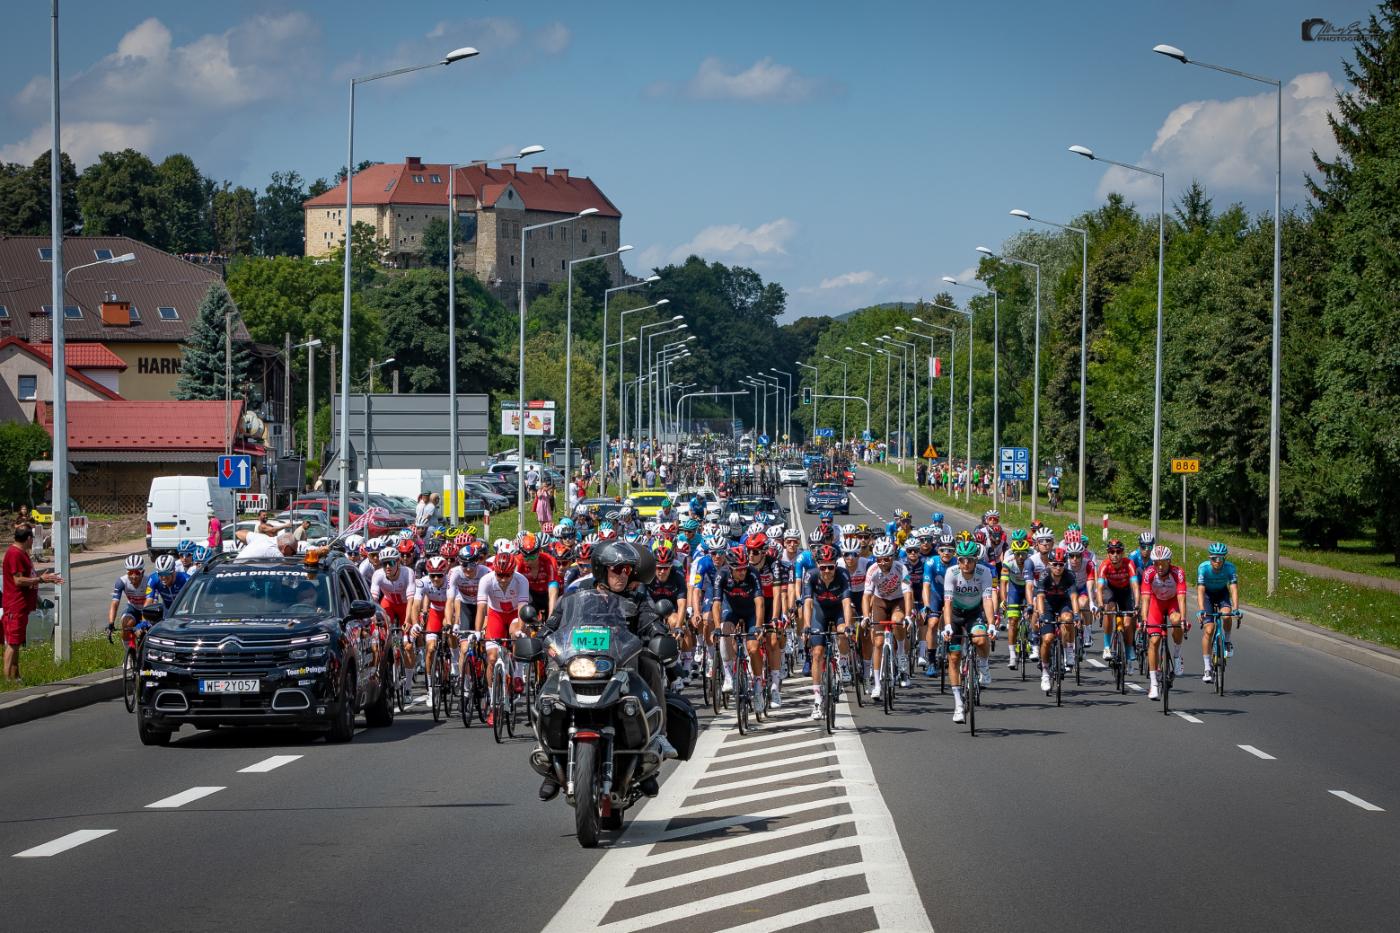 Najdłuższy 3 etap Tour de Pologne wystartował z Sanoka [ZDJĘCIA+WIDEO] - Zdjęcie główne